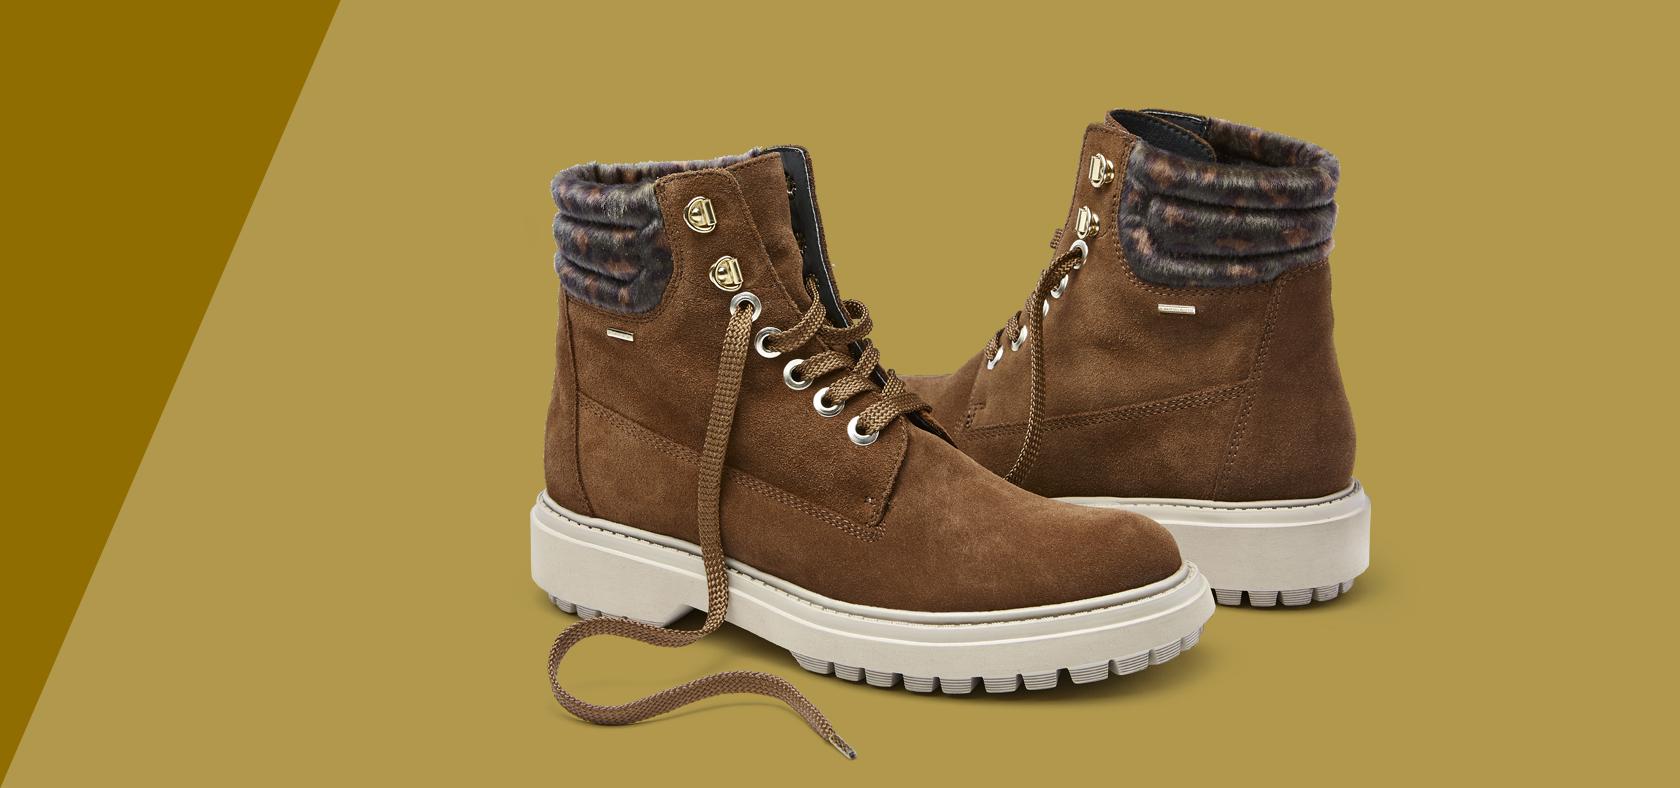 Chaussures confortables Femme montantes et respirantesGeox ZiukPOX